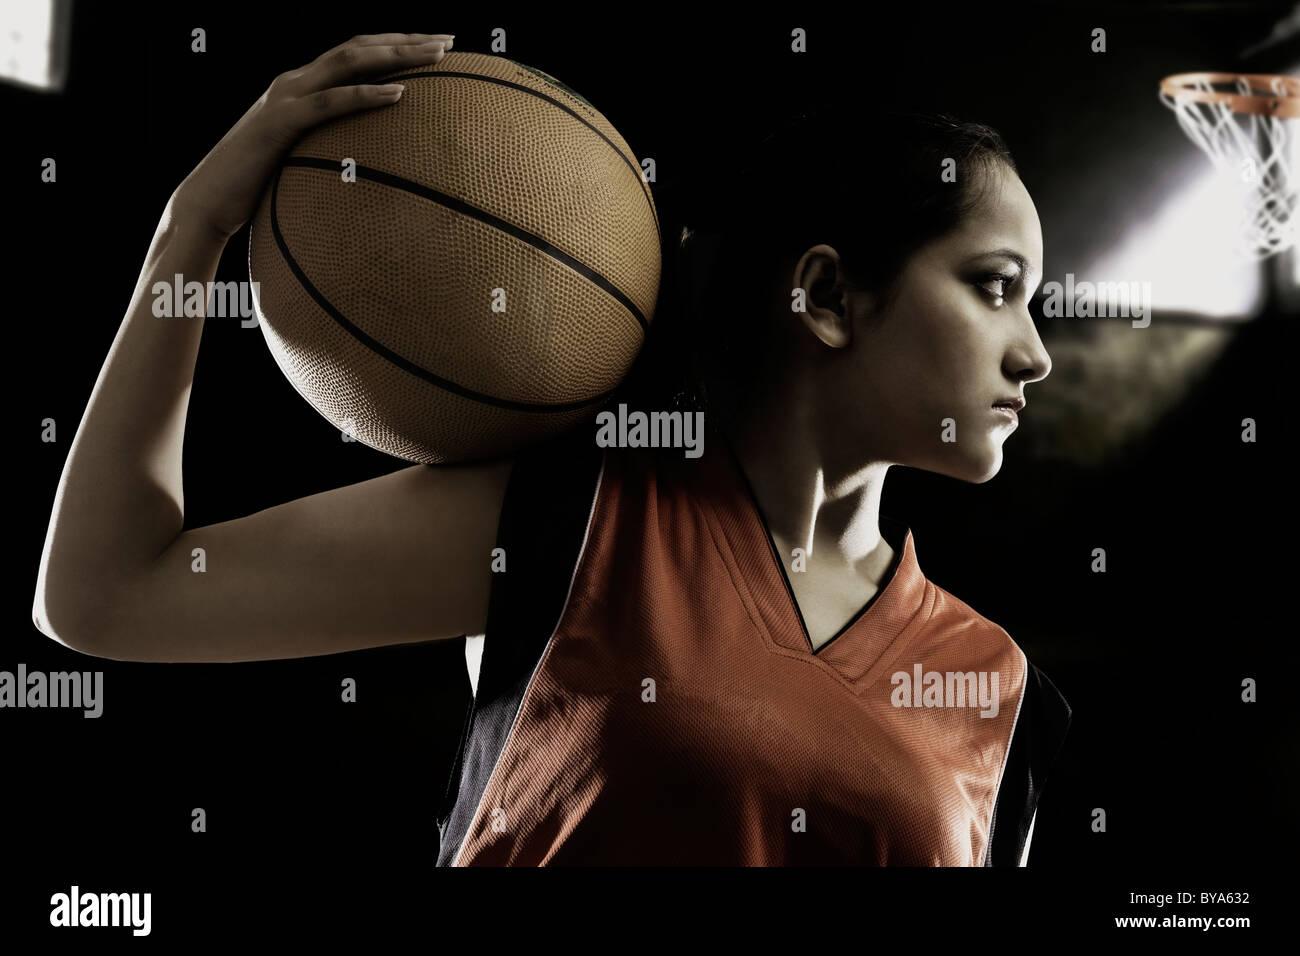 Ragazza in posa con una palla da basket Immagini Stock